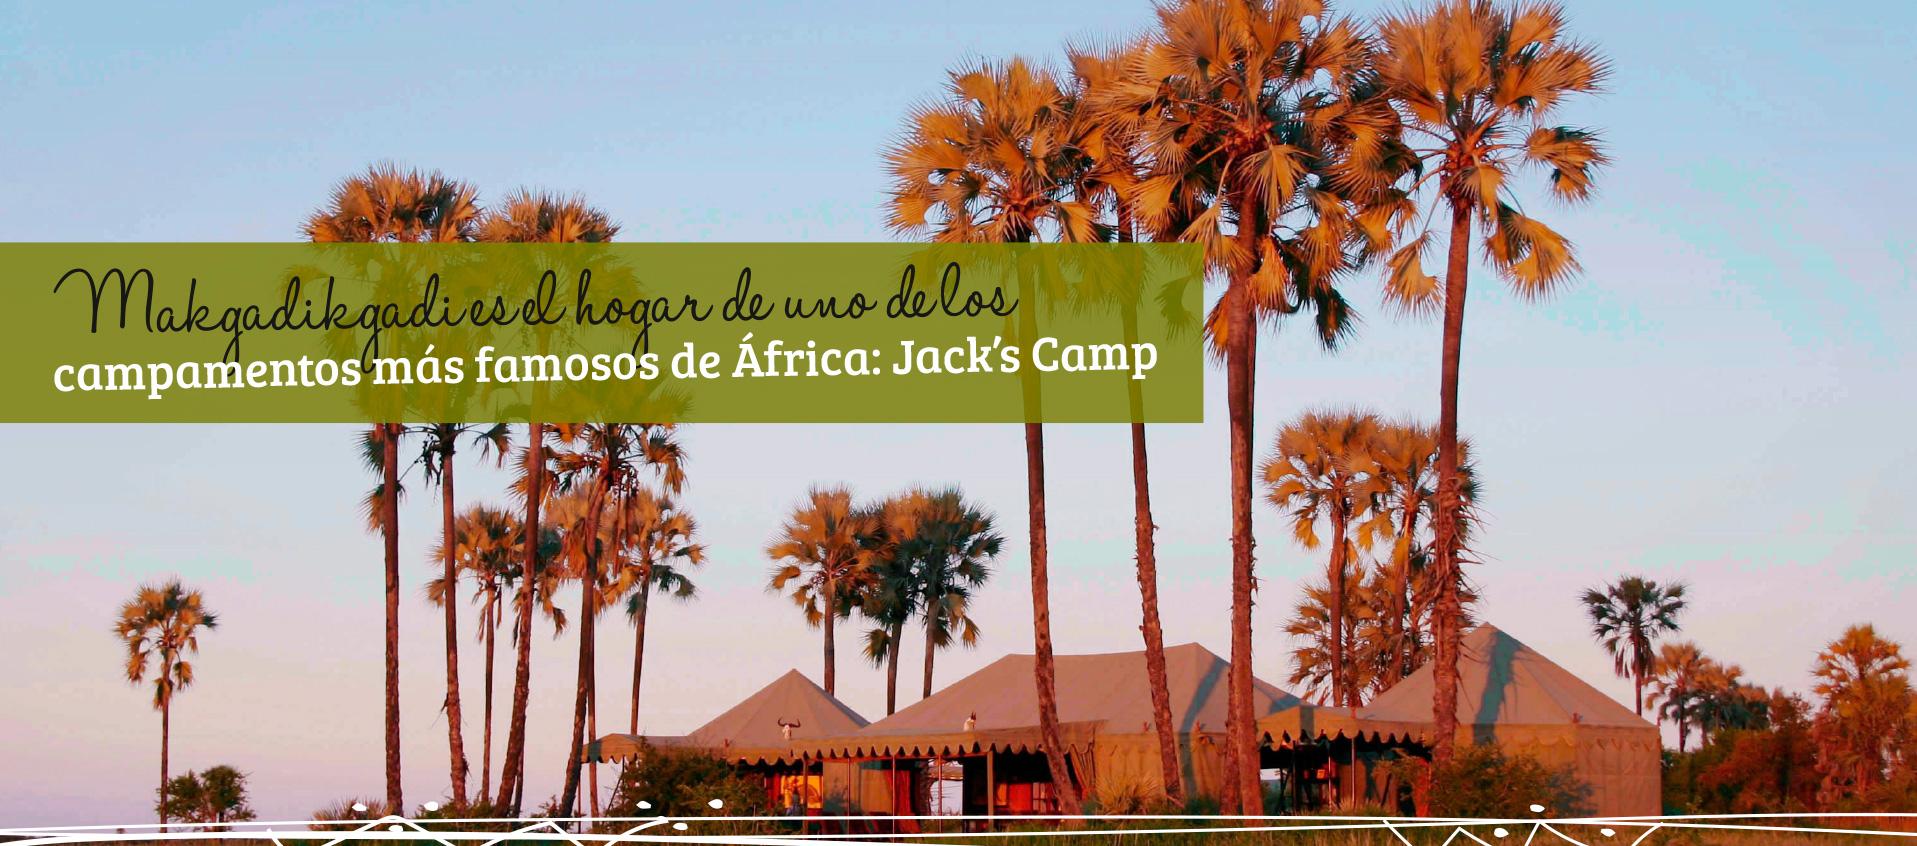 Makgadikgadi es el hogar de uno de los campamentos más famosos de África: el fabuloso Jack's Camp